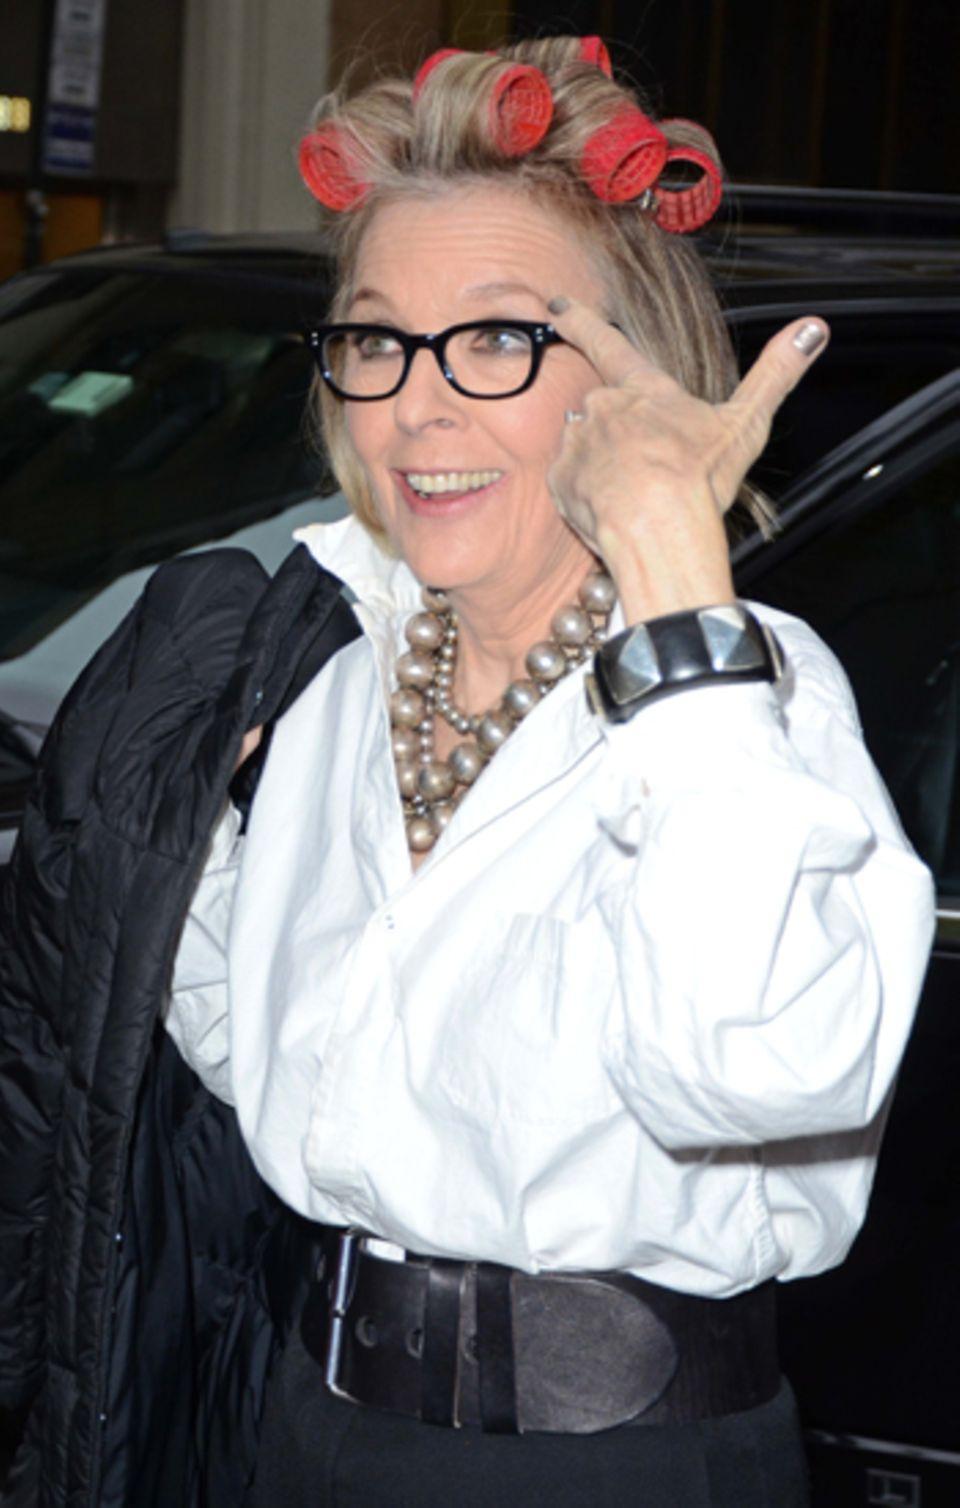 """14. November 2011: Mit Lockenwicklern im Haar spurtet Diane Keaton zur """"Today Show"""" in New York. Zeit für ein paar Scherze mit d"""